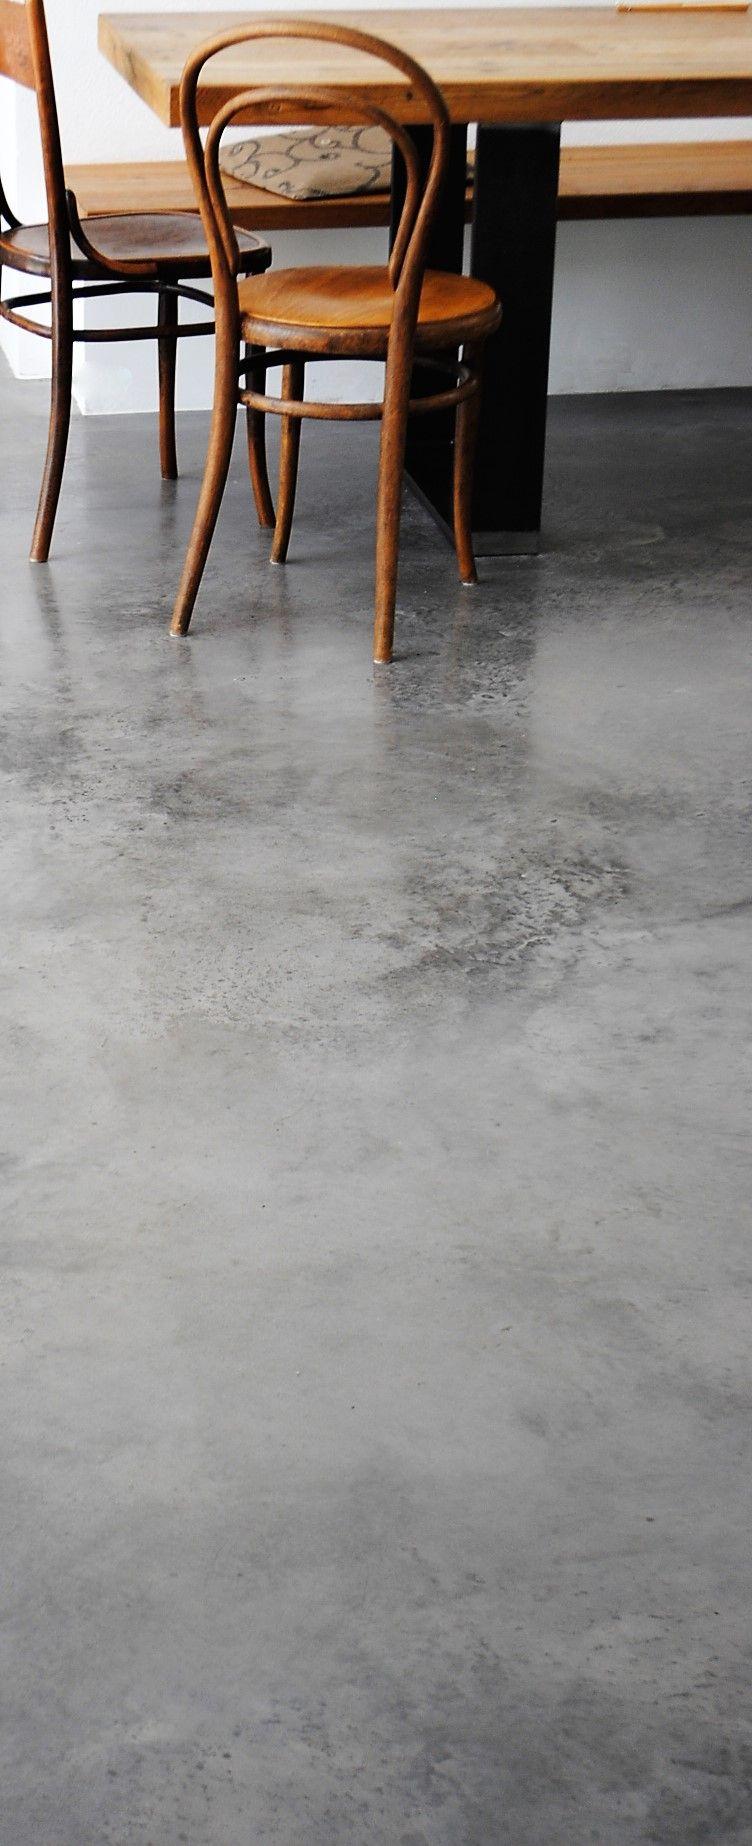 Wunderschön Fugenloser Fußboden Referenz Von Boden